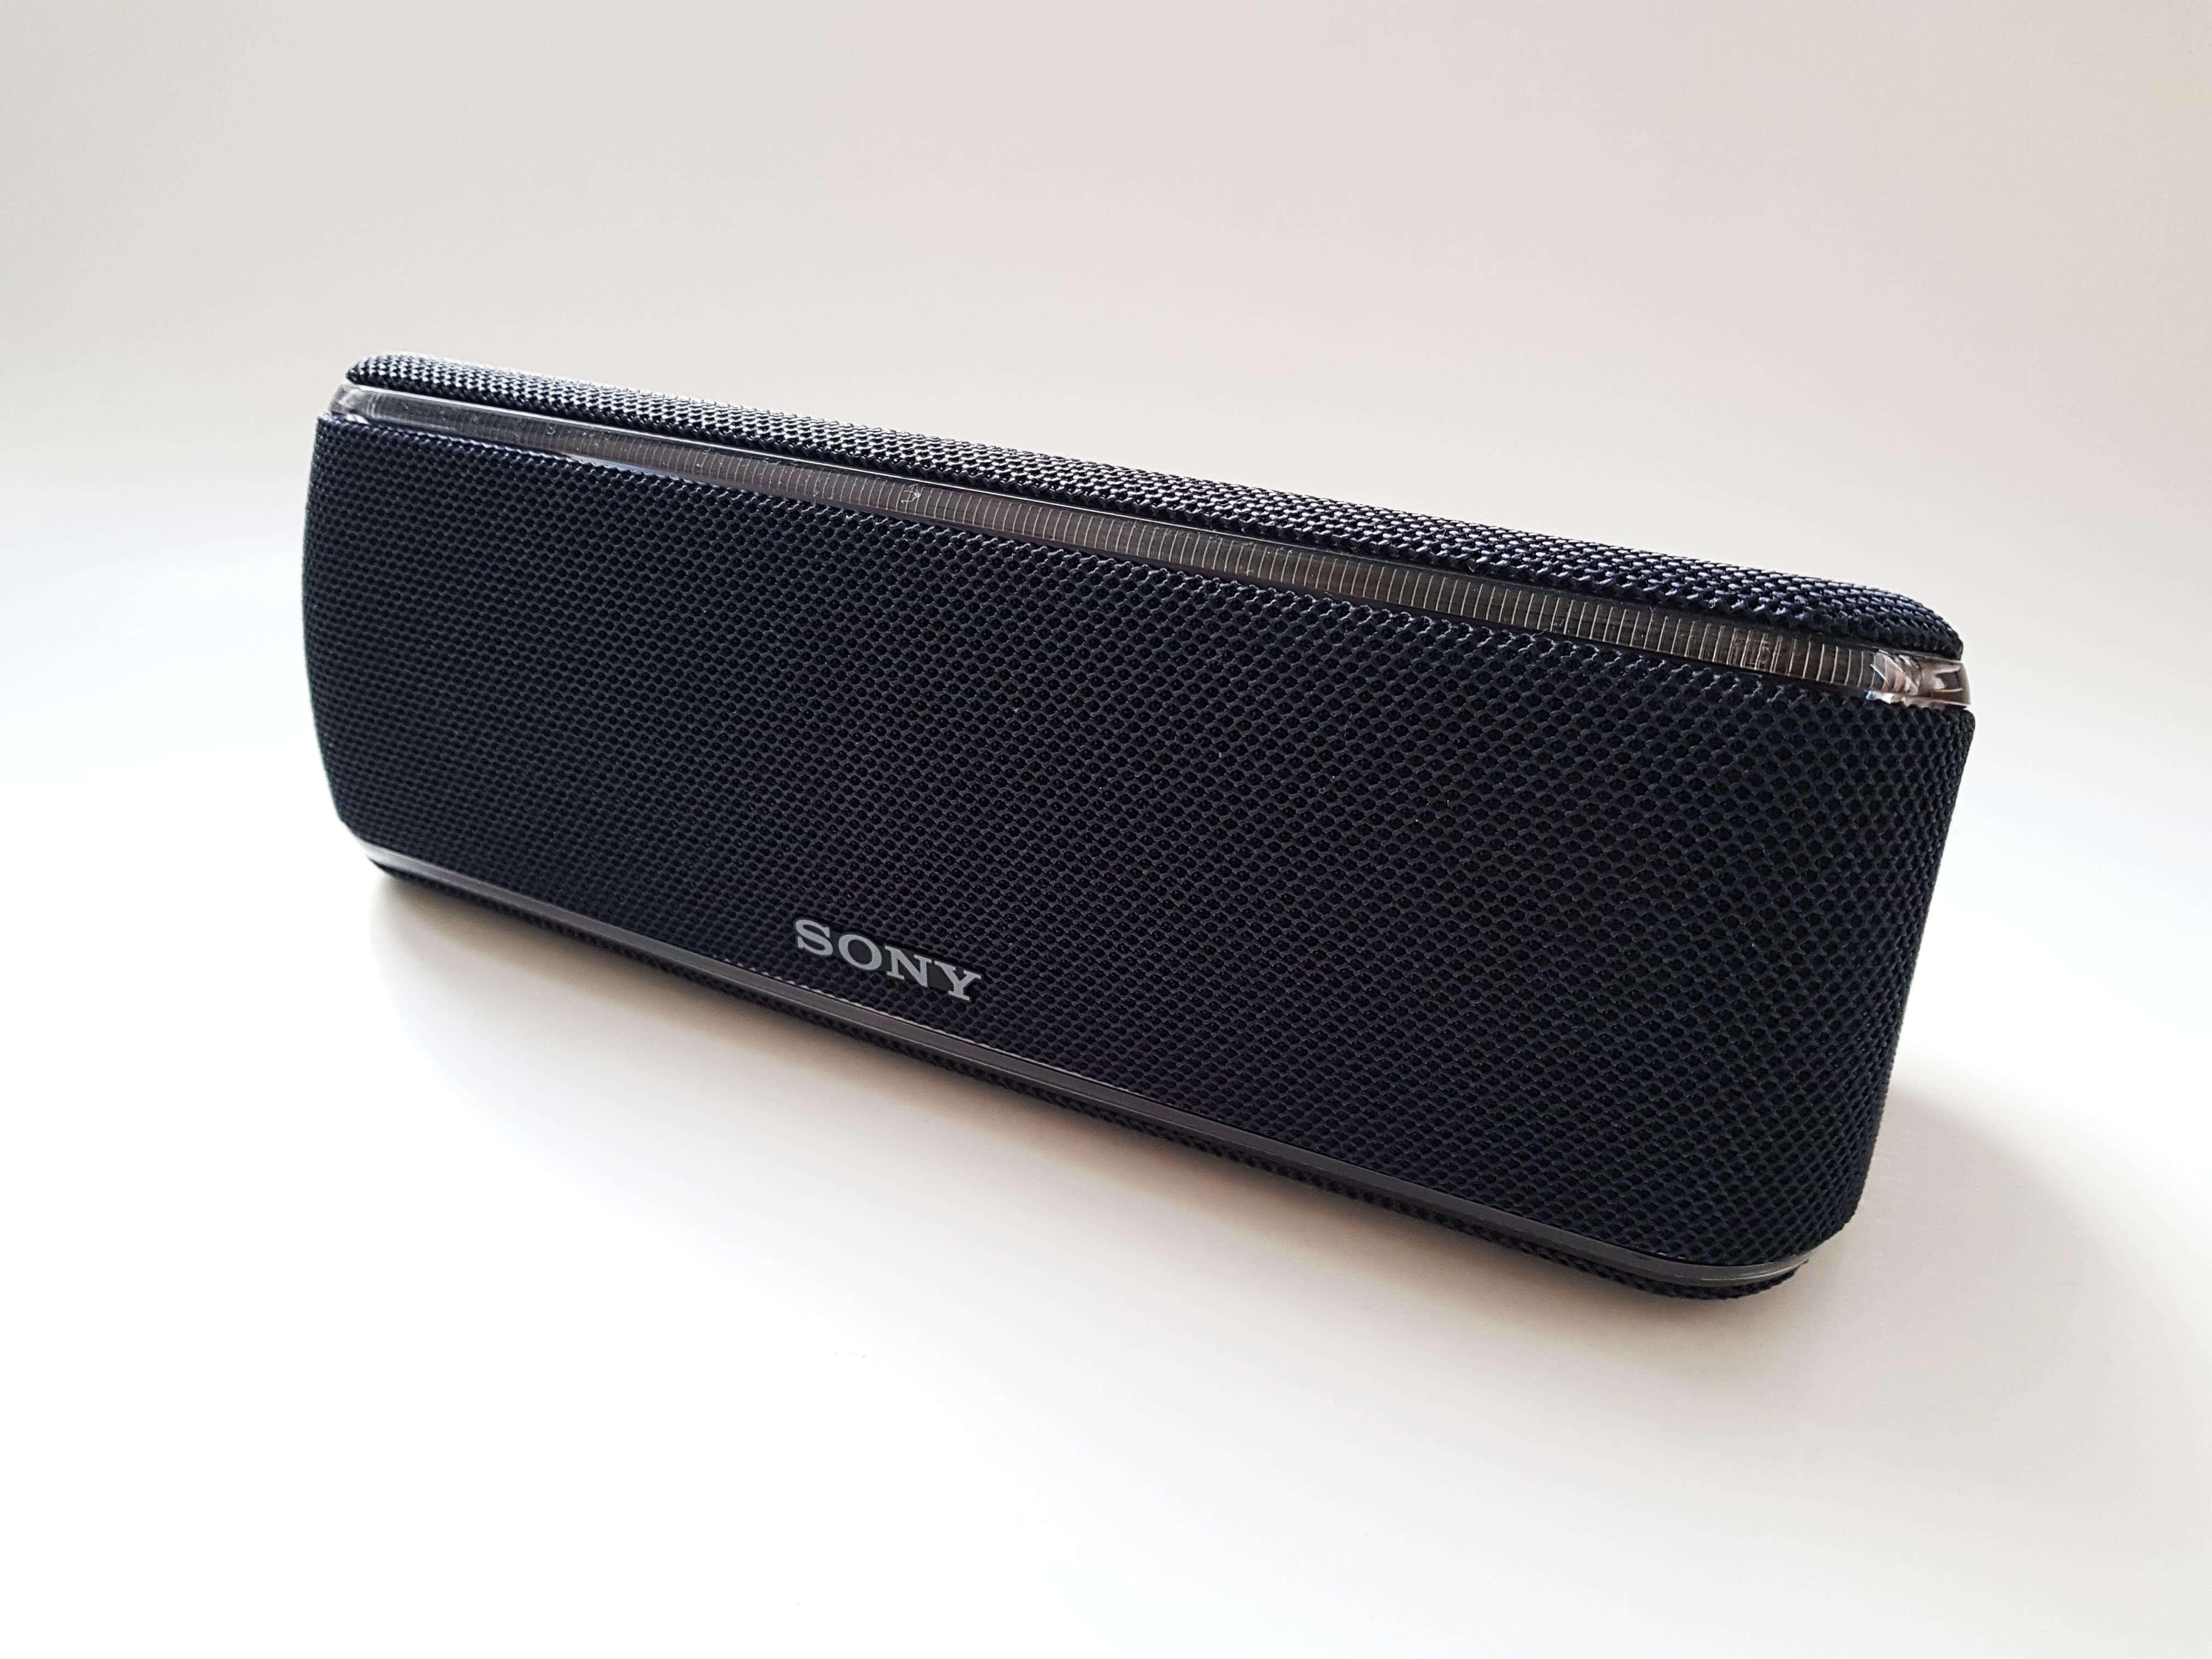 Boxa Wireless Sony SRS-XB41 Review Romana si Pareri - Foto 1